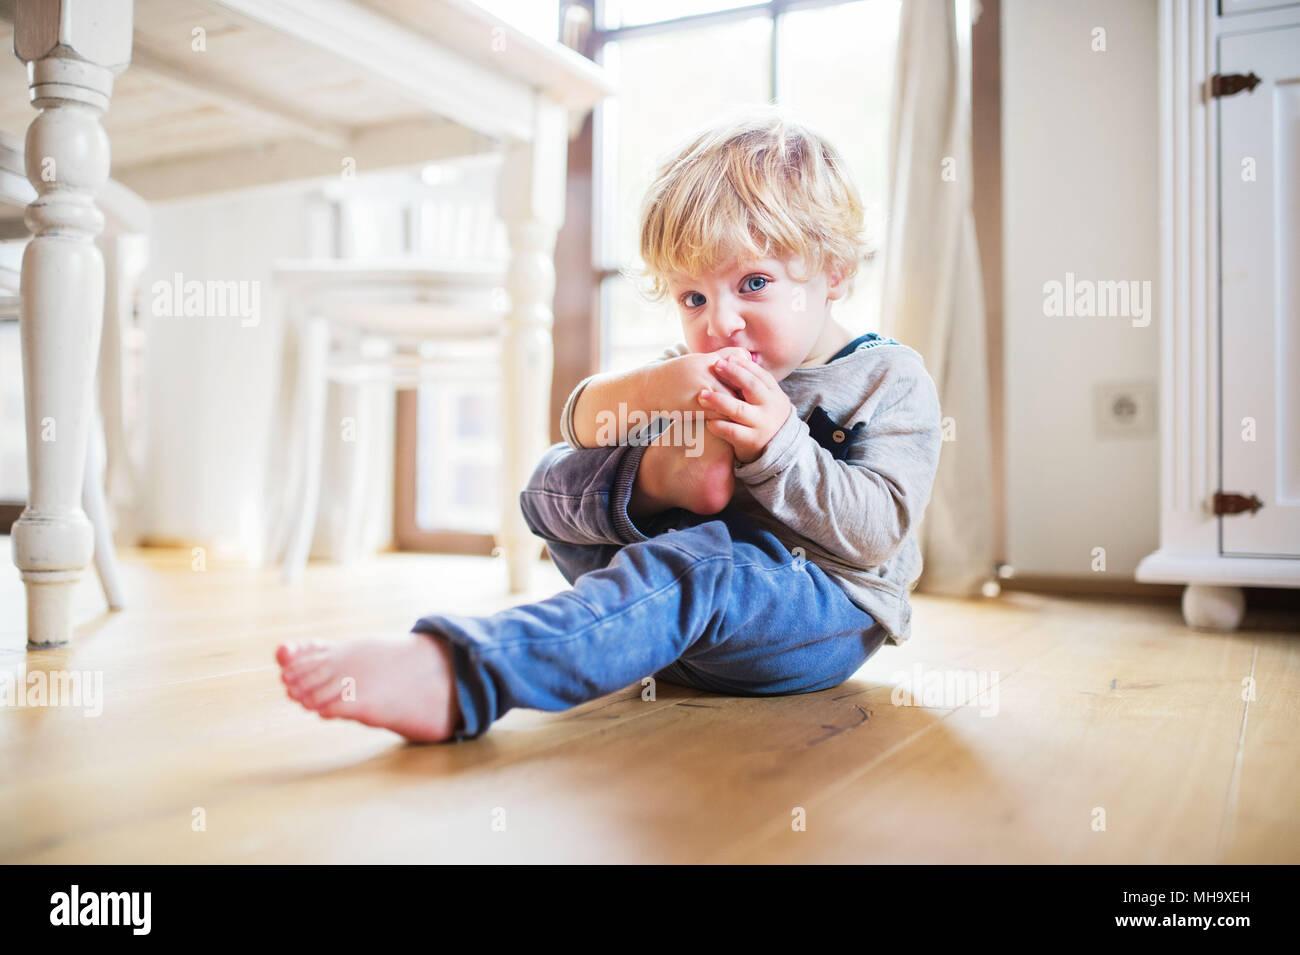 Un bimbo piccolo ragazzo seduto sul pavimento a casa. Foto Stock